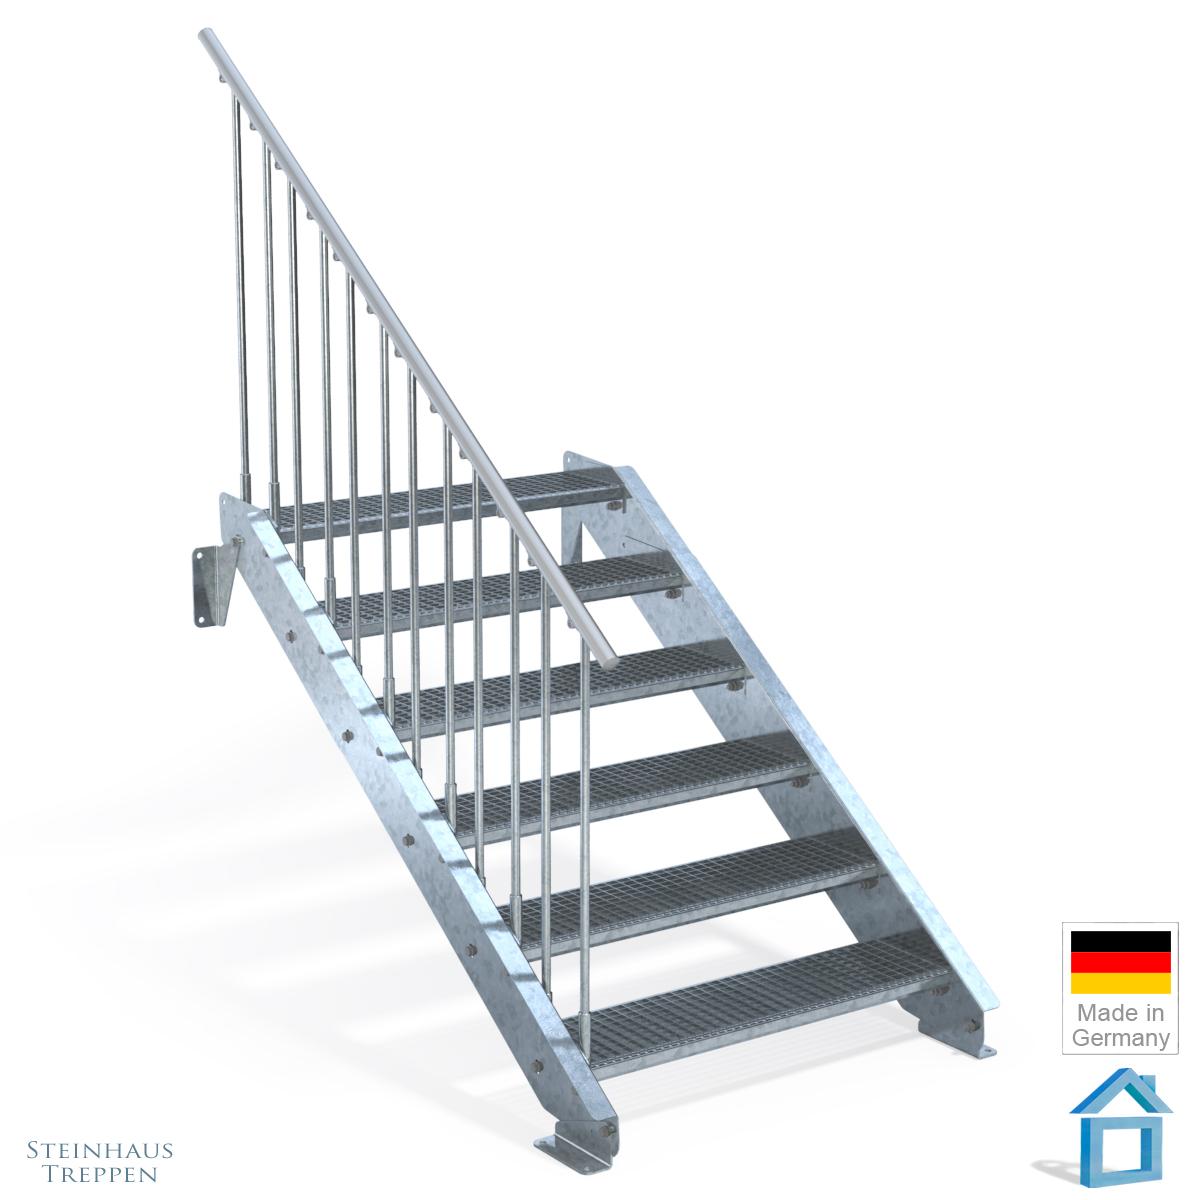 treppe stahl f r terrasse mit maschengitter in 100 cm breite steinhaus treppen treppen. Black Bedroom Furniture Sets. Home Design Ideas